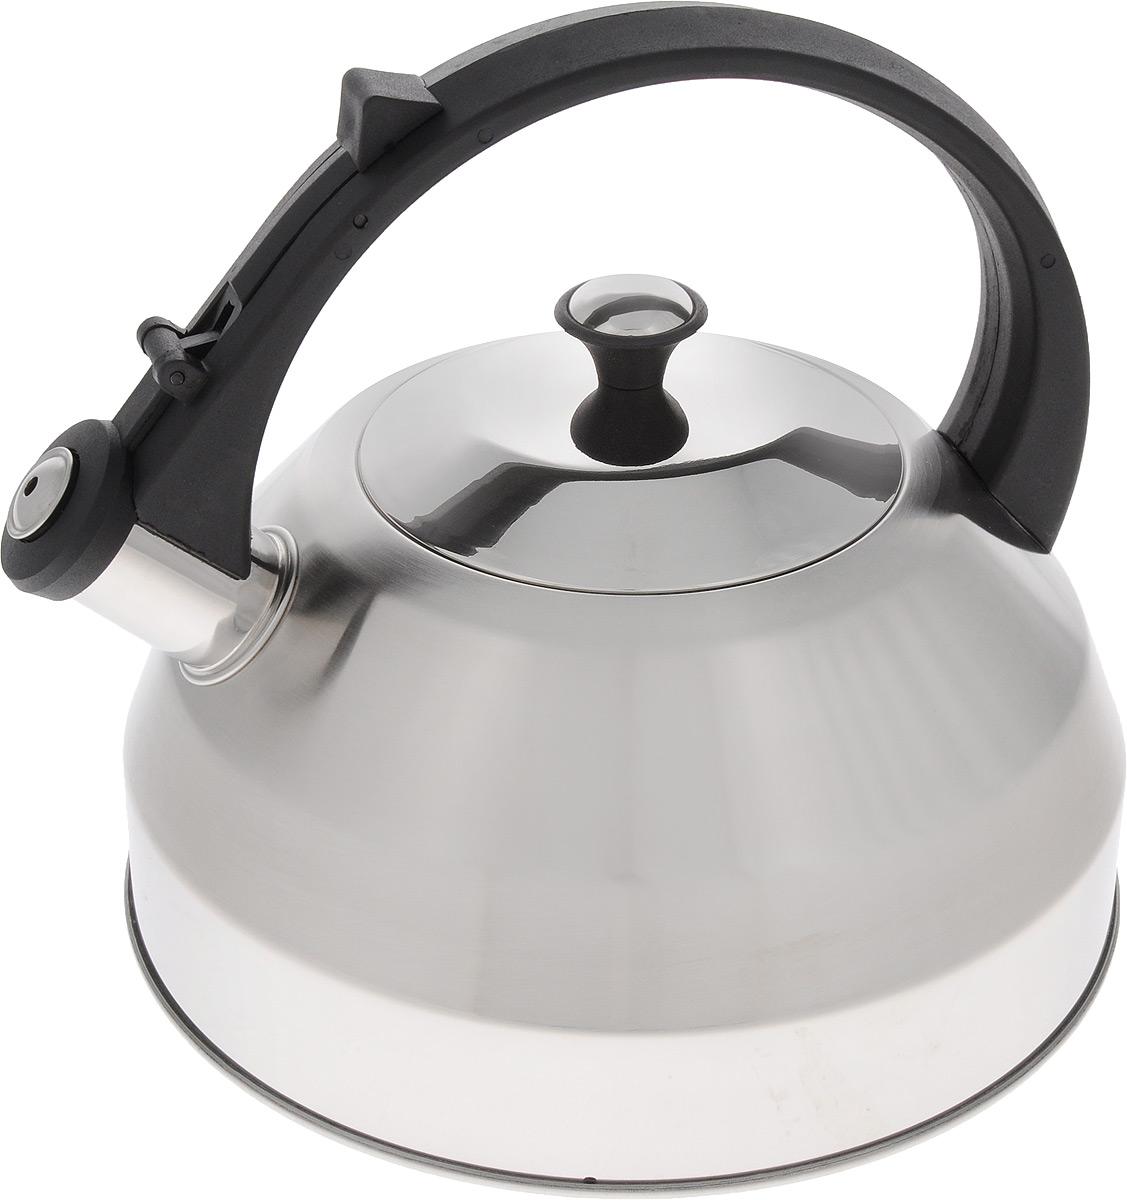 Чайник Mayer & Boch, со свистком, 3 л. 2163721637Чайник Mayer & Boch изготовлен из высококачественной нержавеющей стали, что делает его весьма гигиеничным и устойчивым к износу при длительном использовании. Капсулированное дно обеспечивает равномерный и быстрый нагрев, поэтому вода закипает гораздо быстрее, чем в обычных чайниках. Чайник оснащен откидным свистком, звуковой сигнал которого подскажет, когда закипит вода. Фиксированная пластиковая ручка дает дополнительное удобство при разлитии напитка. Чайник Mayer & Boch идеально впишется в интерьер любой кухни и станет замечательным подарком к любому случаю. Подходит для всех типов плит, включая индукционные. Можно мыть в посудомоечной машине. Высота чайника (без учета ручки и крышки): 12 см.Высота чайника (с учетом ручки и крышки): 22 см.Диаметр чайника (по верхнему краю): 12 см.